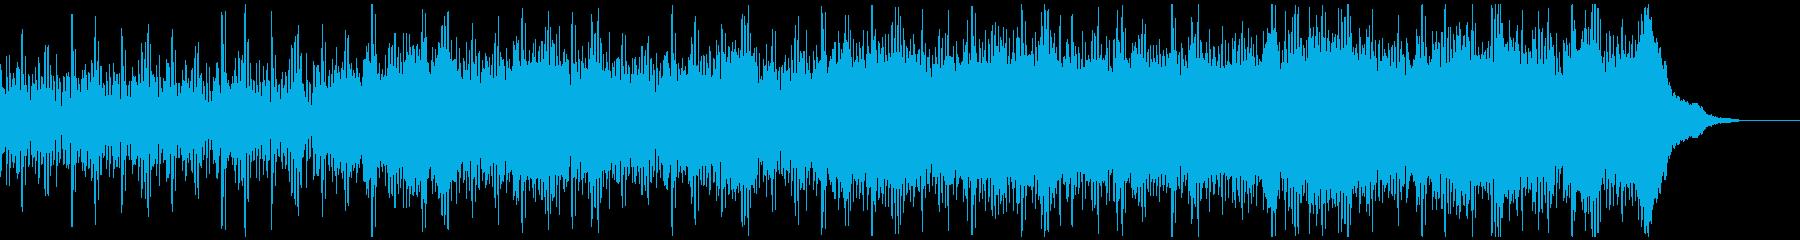 技術や宇宙を想起させるシンセサイザー楽曲の再生済みの波形